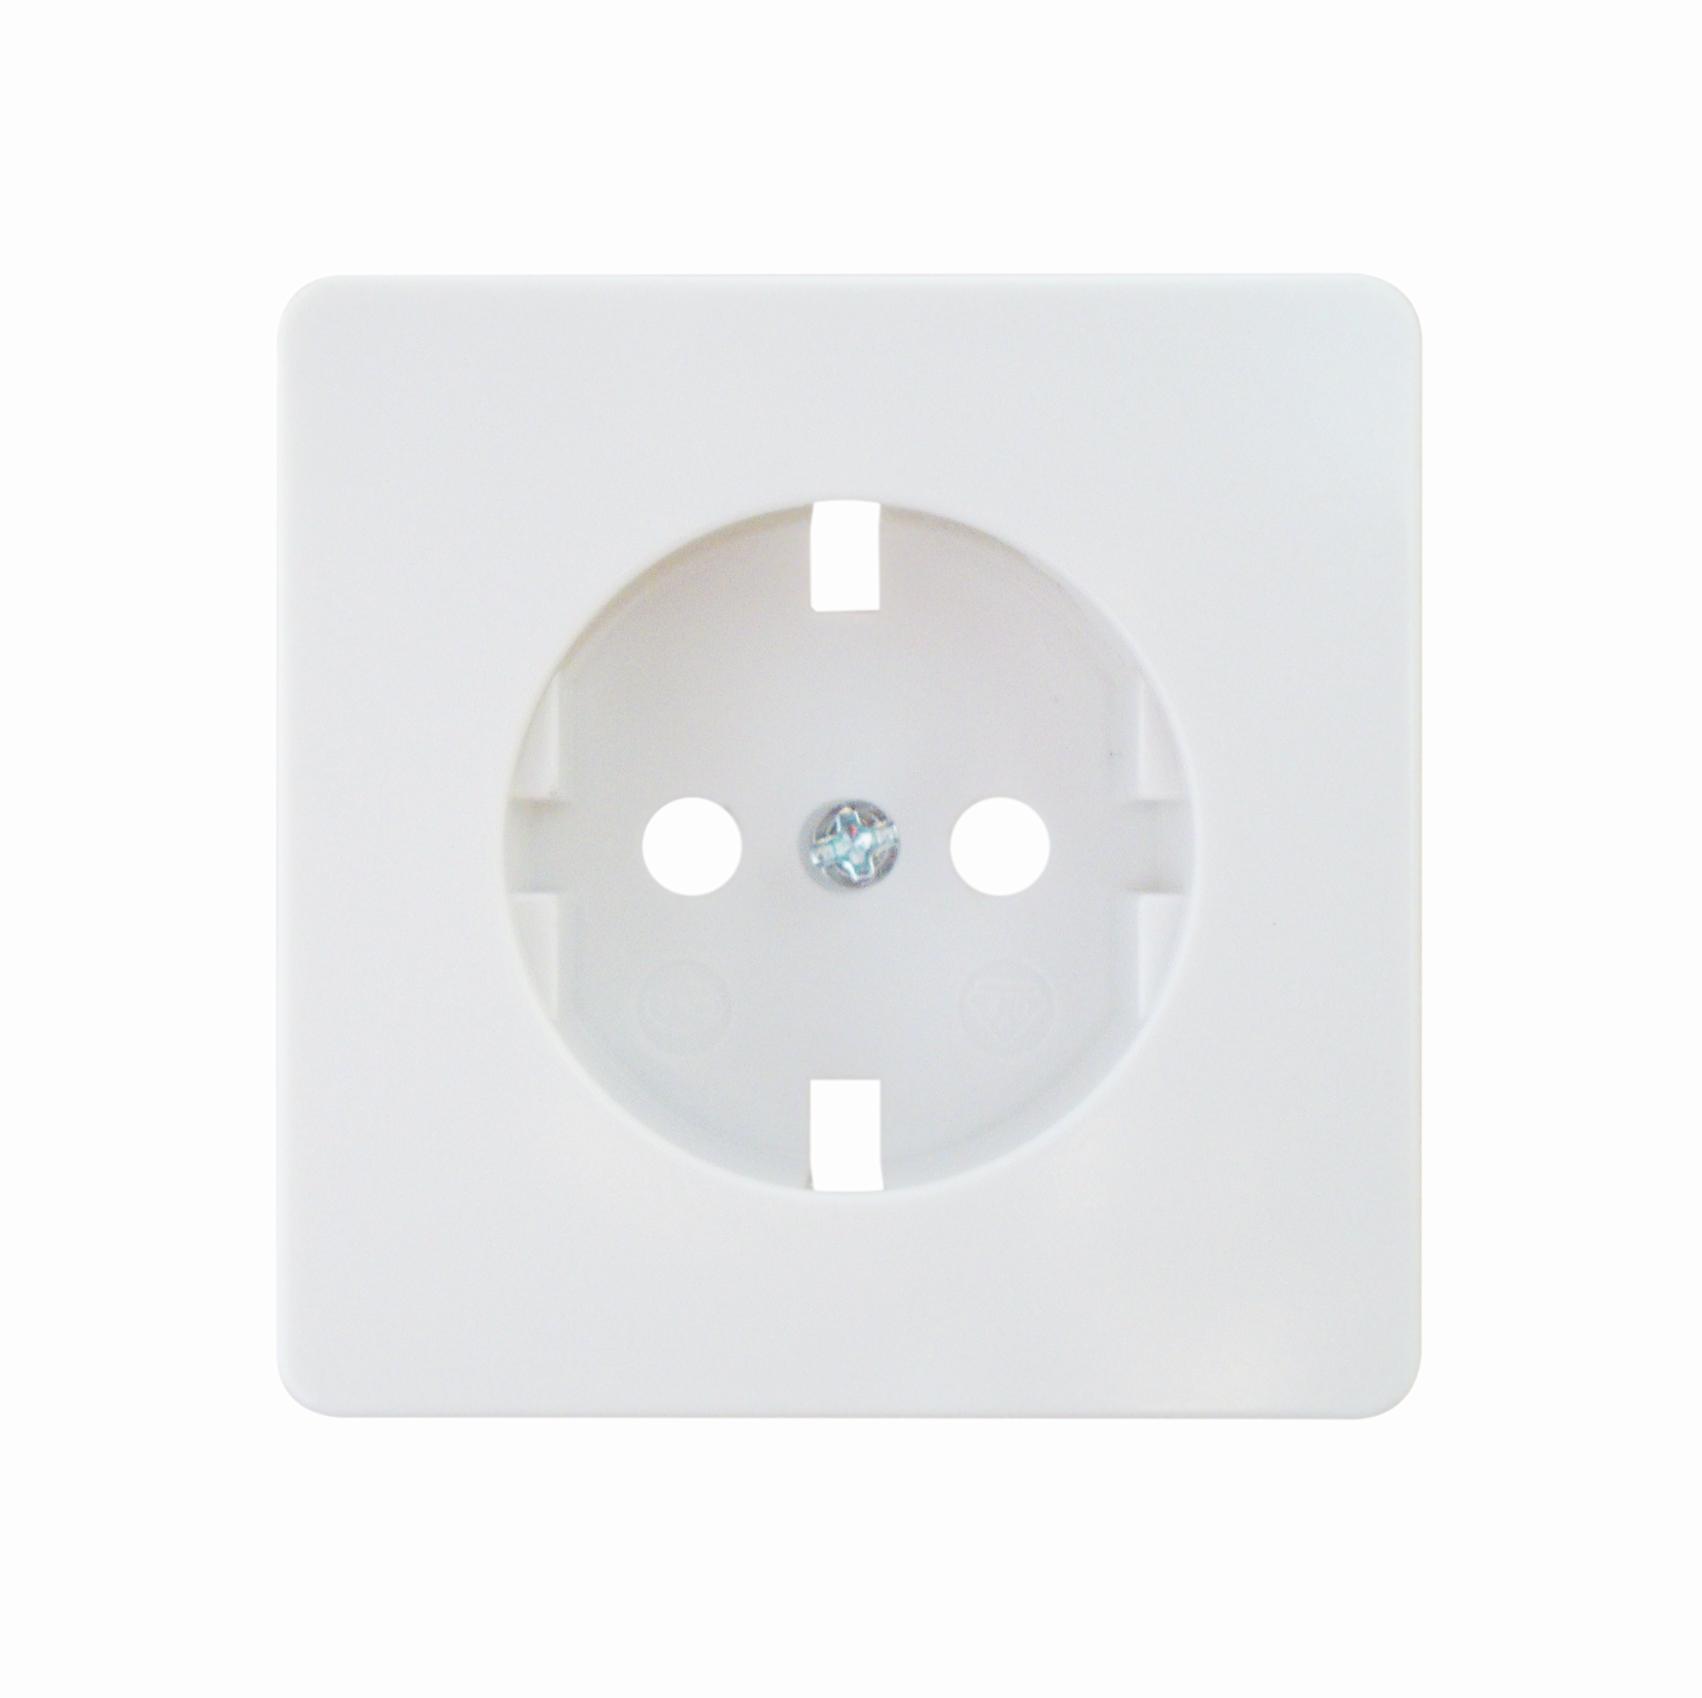 1 Stk Zentralplatte für Steckdose, reinweiß EL083134--